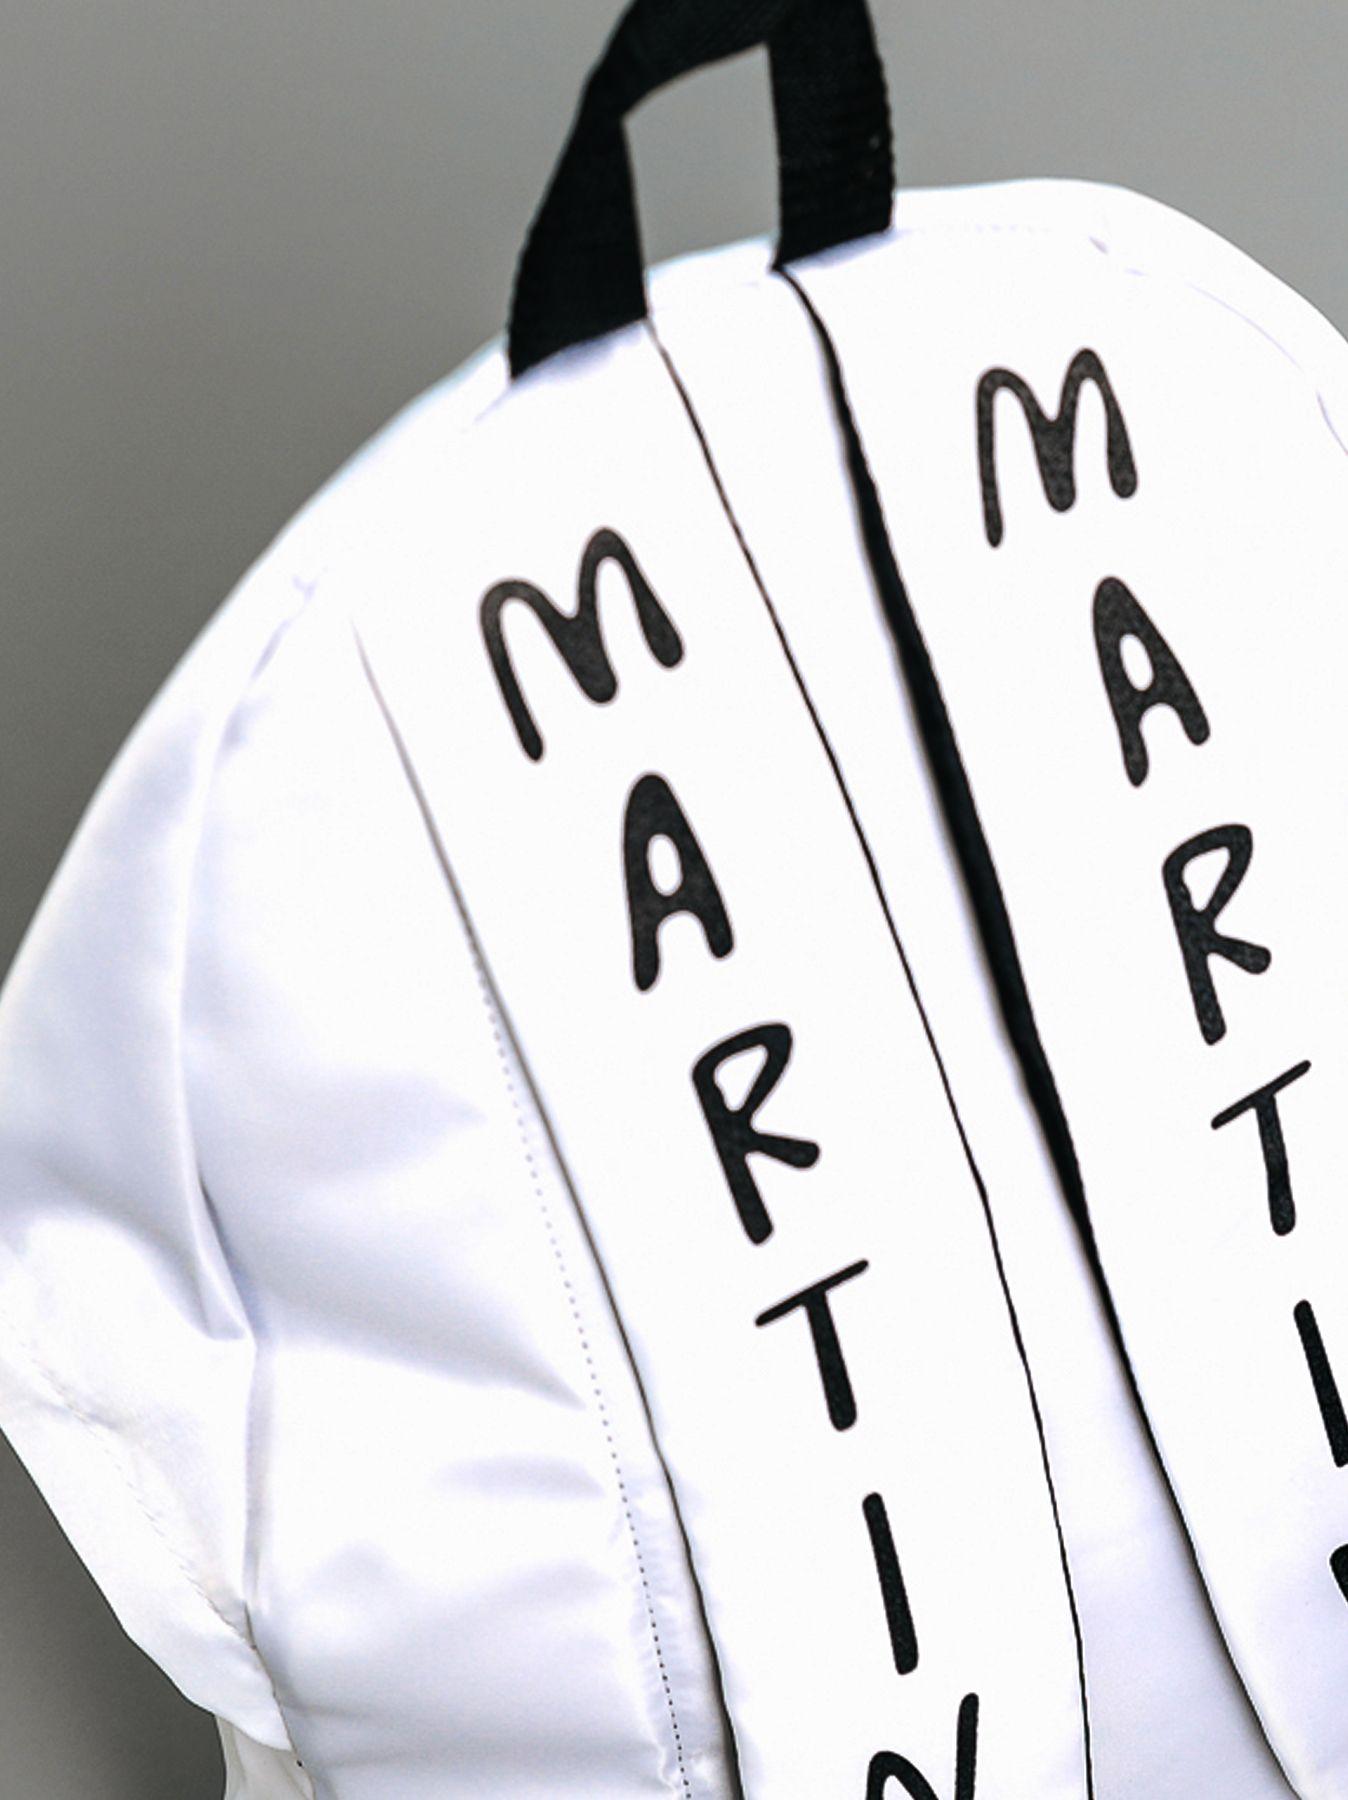 Mochila #MARTINO #ONTHEROAD